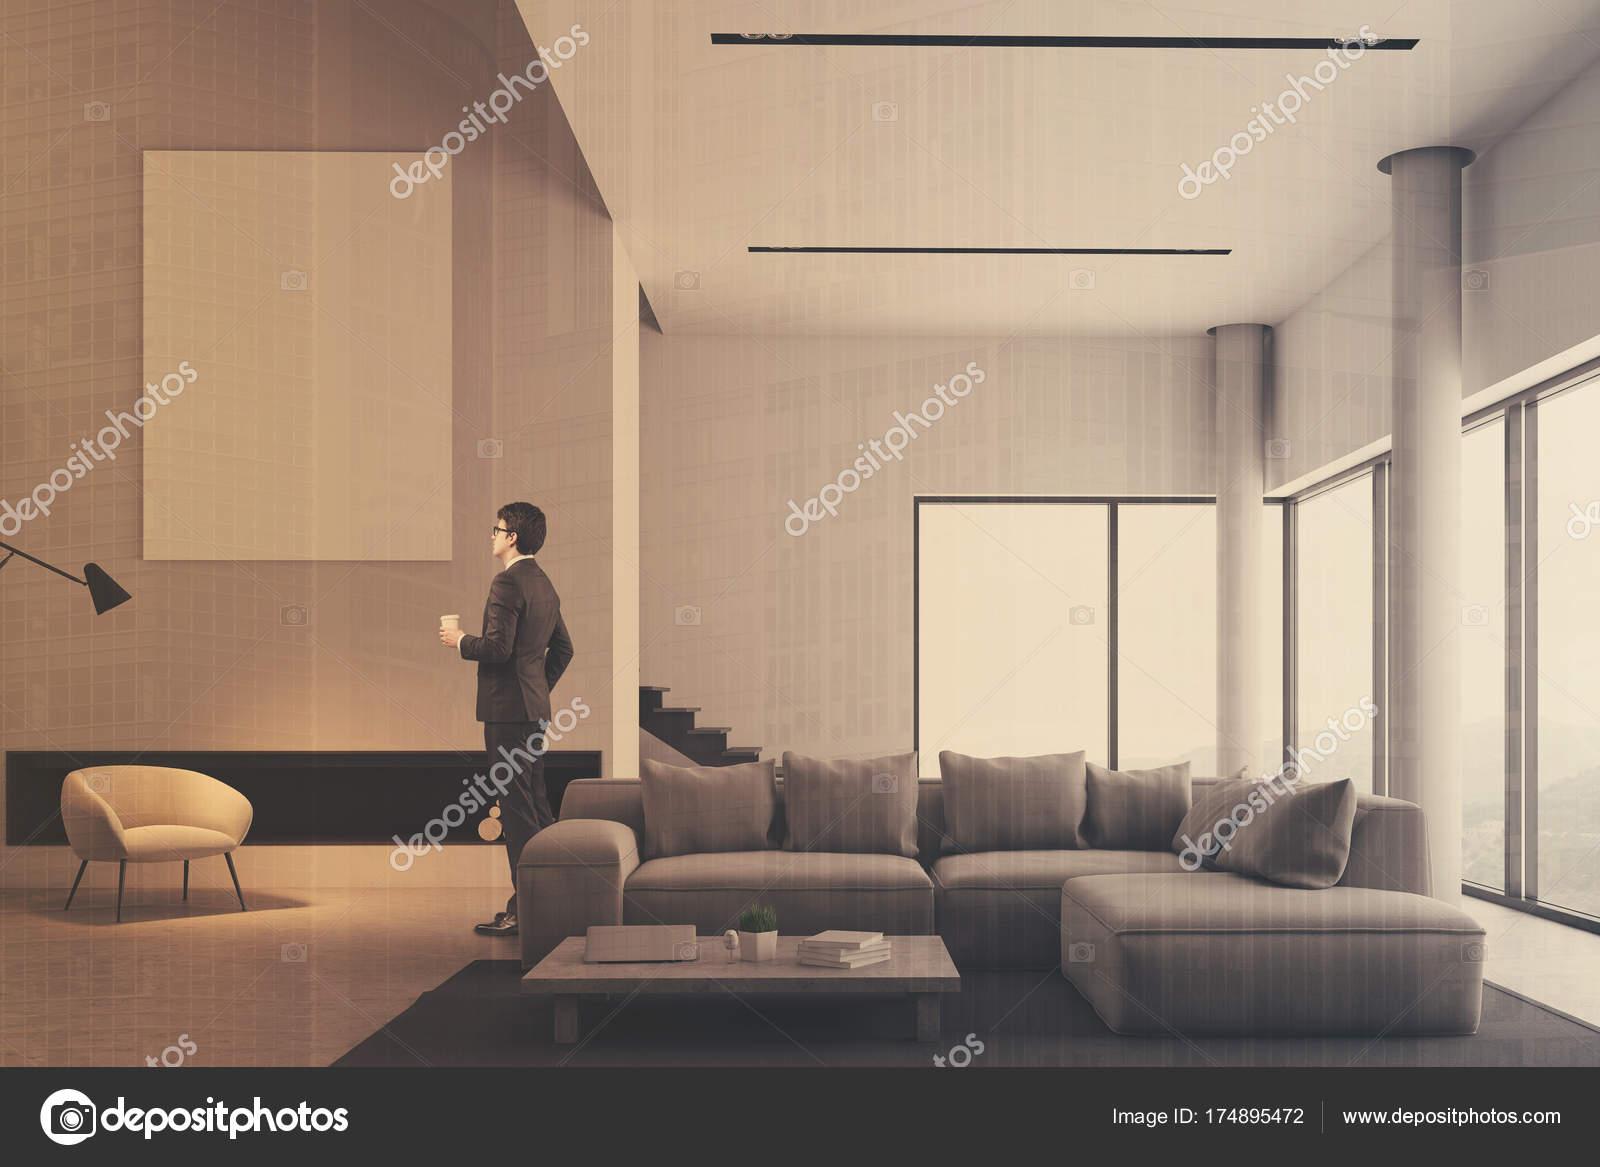 Minimalistisch wohnzimmer interieur plakat doppel u2014 stockfoto